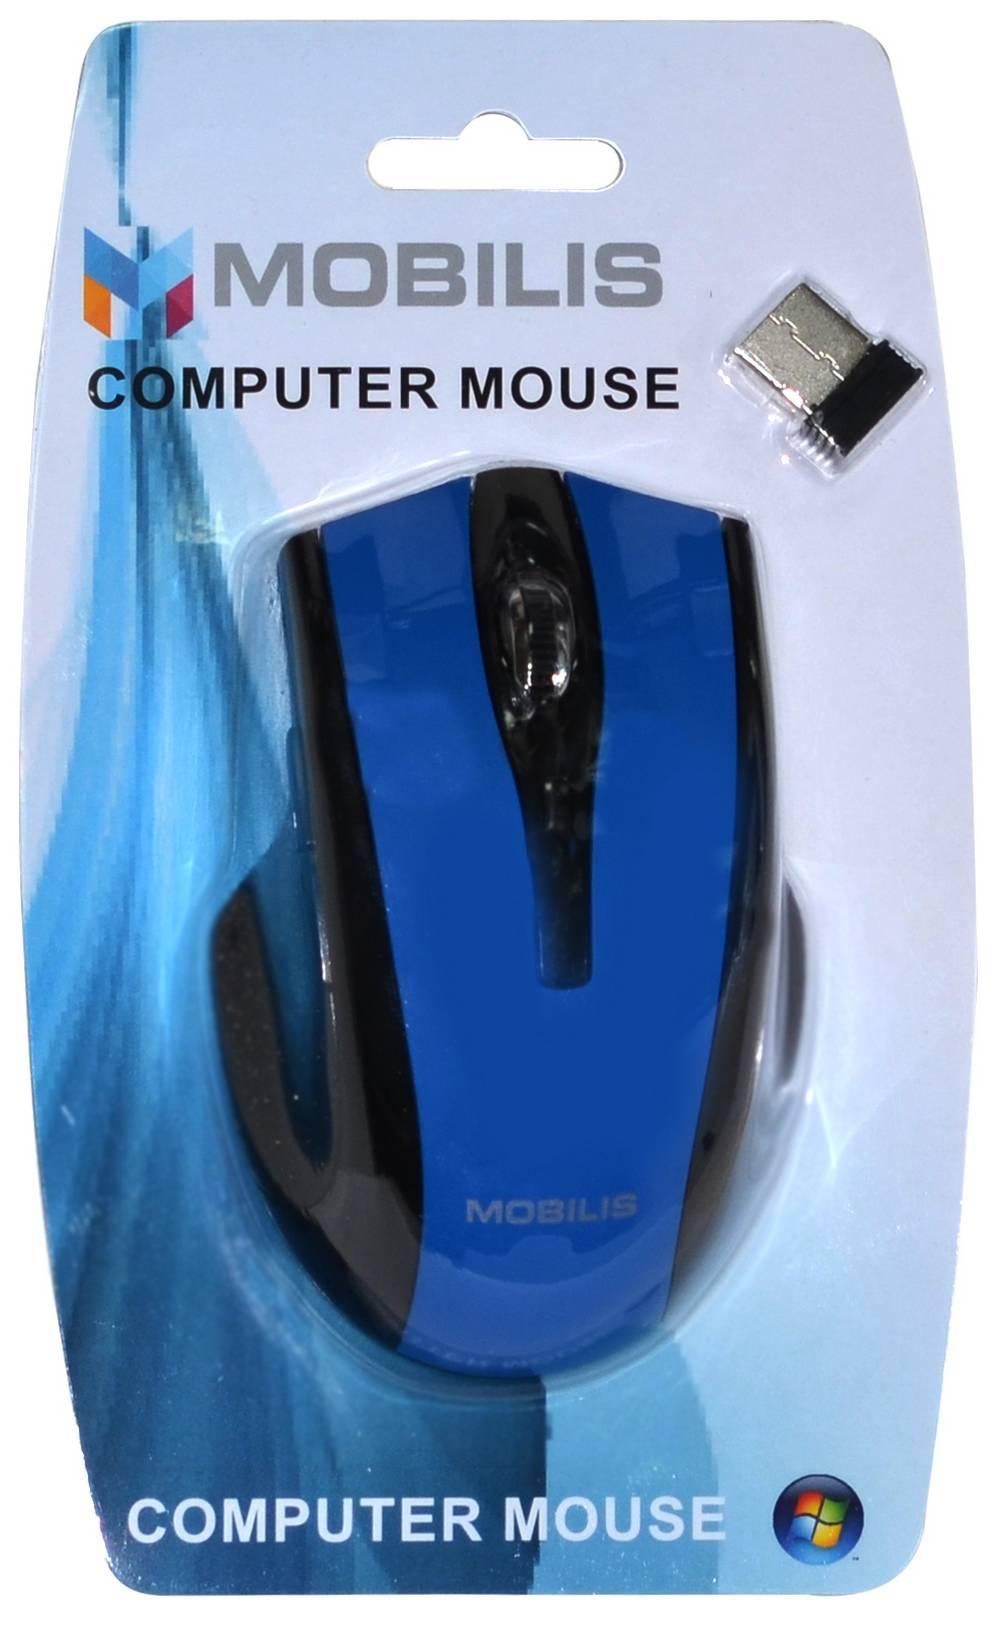 Ασύρματο Ποντίκι Mobilis MM-126 6 Πλήκτρων 1600 DPI Μαύρο - Μπλέ (108*70*38mm)